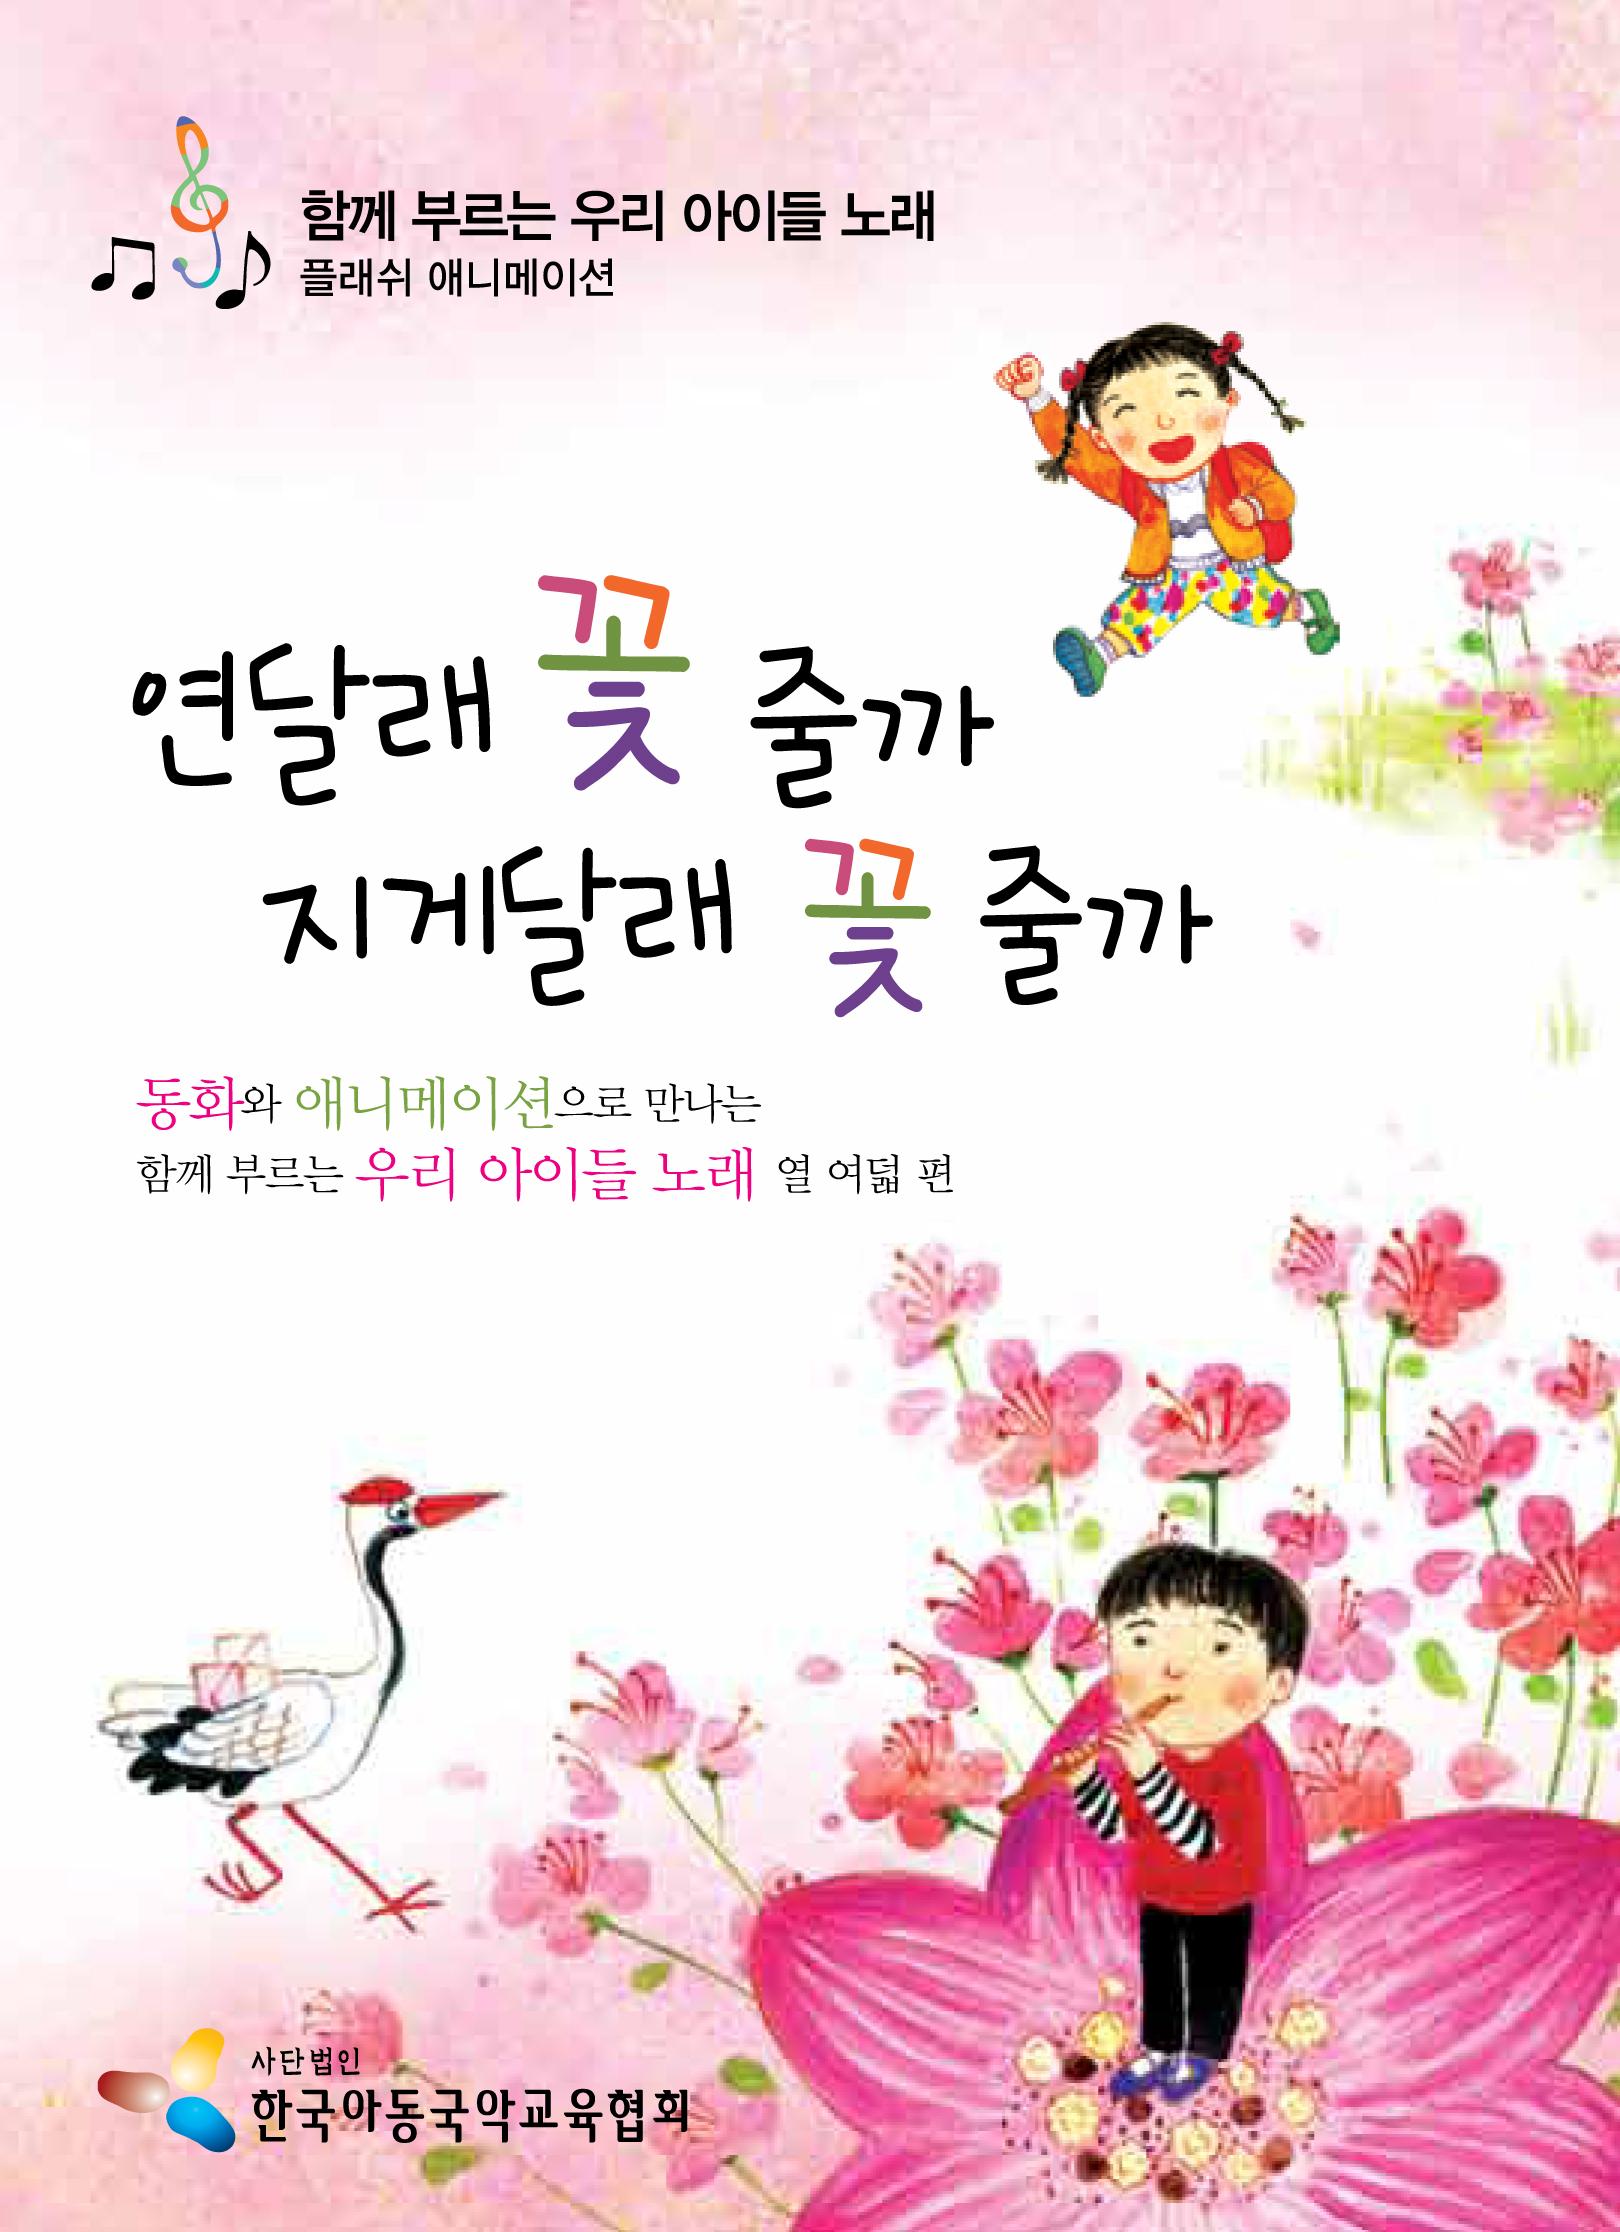 연달래꽃줄까-플래시dvd-1.jpg